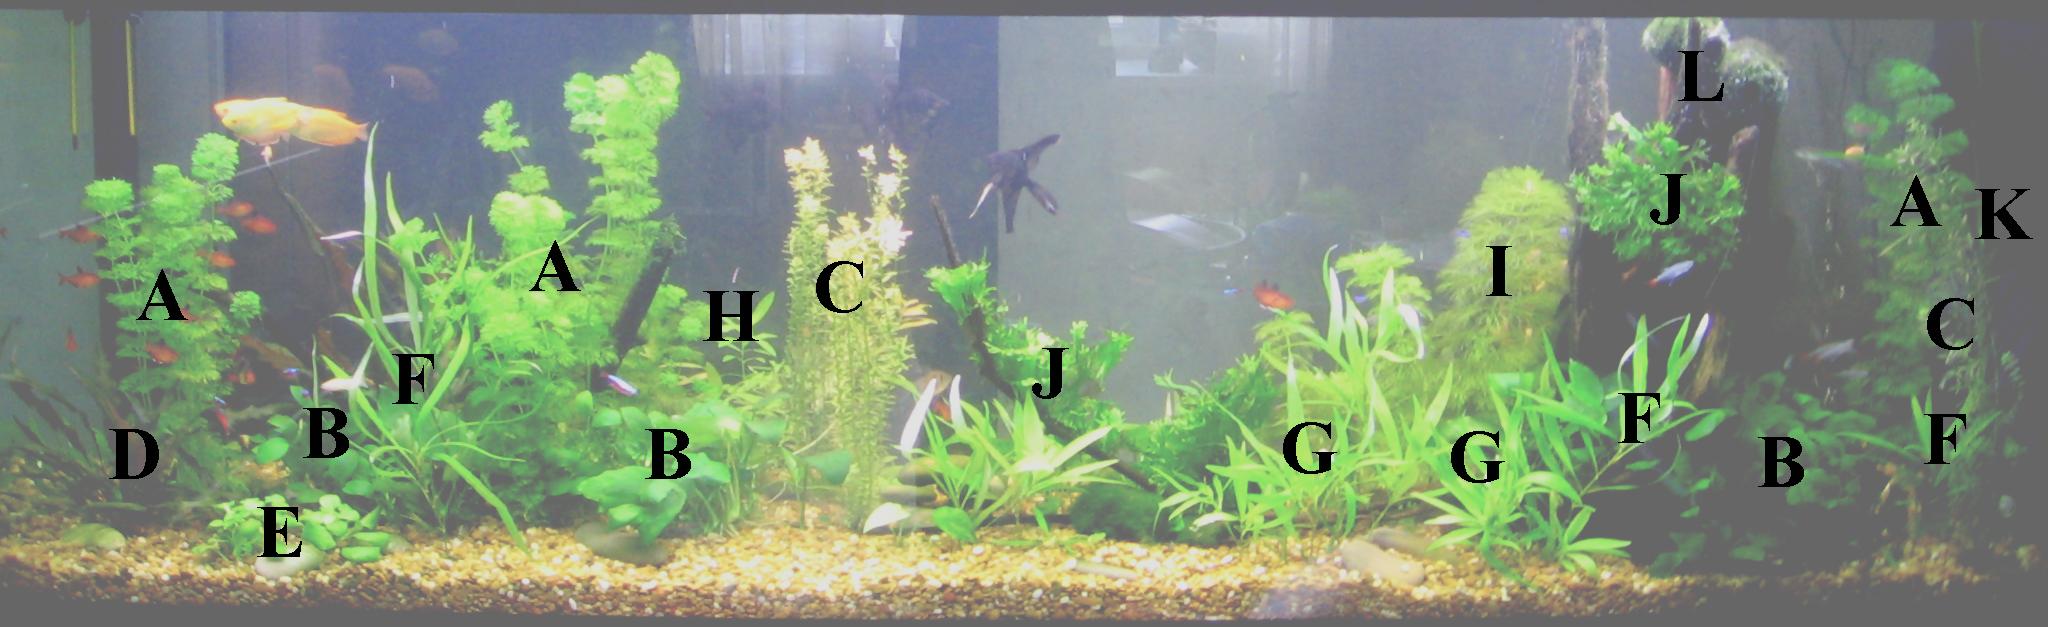 Можно ли сажать аквариумные растения в обычную землю универсальную 81